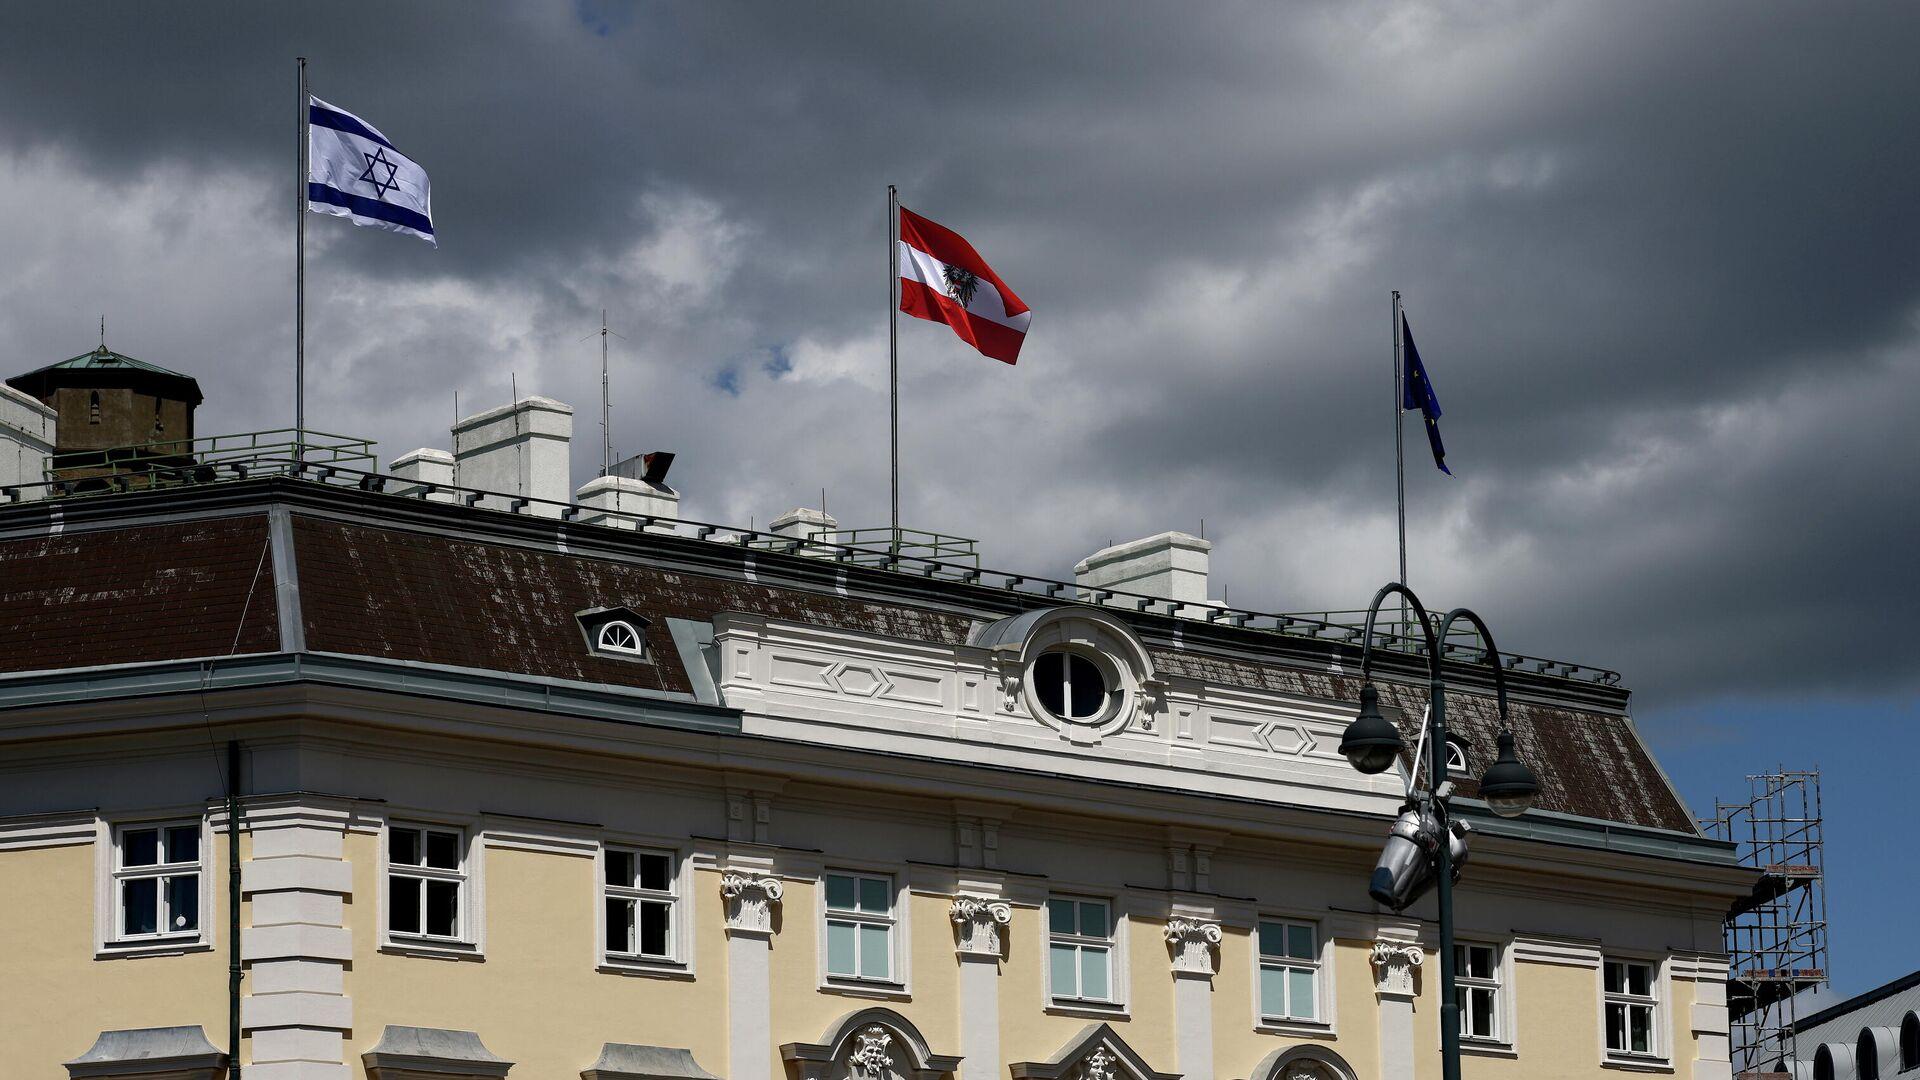 La bandera de Israel en la Cancillería Federal de Austria - Sputnik Mundo, 1920, 18.05.2021